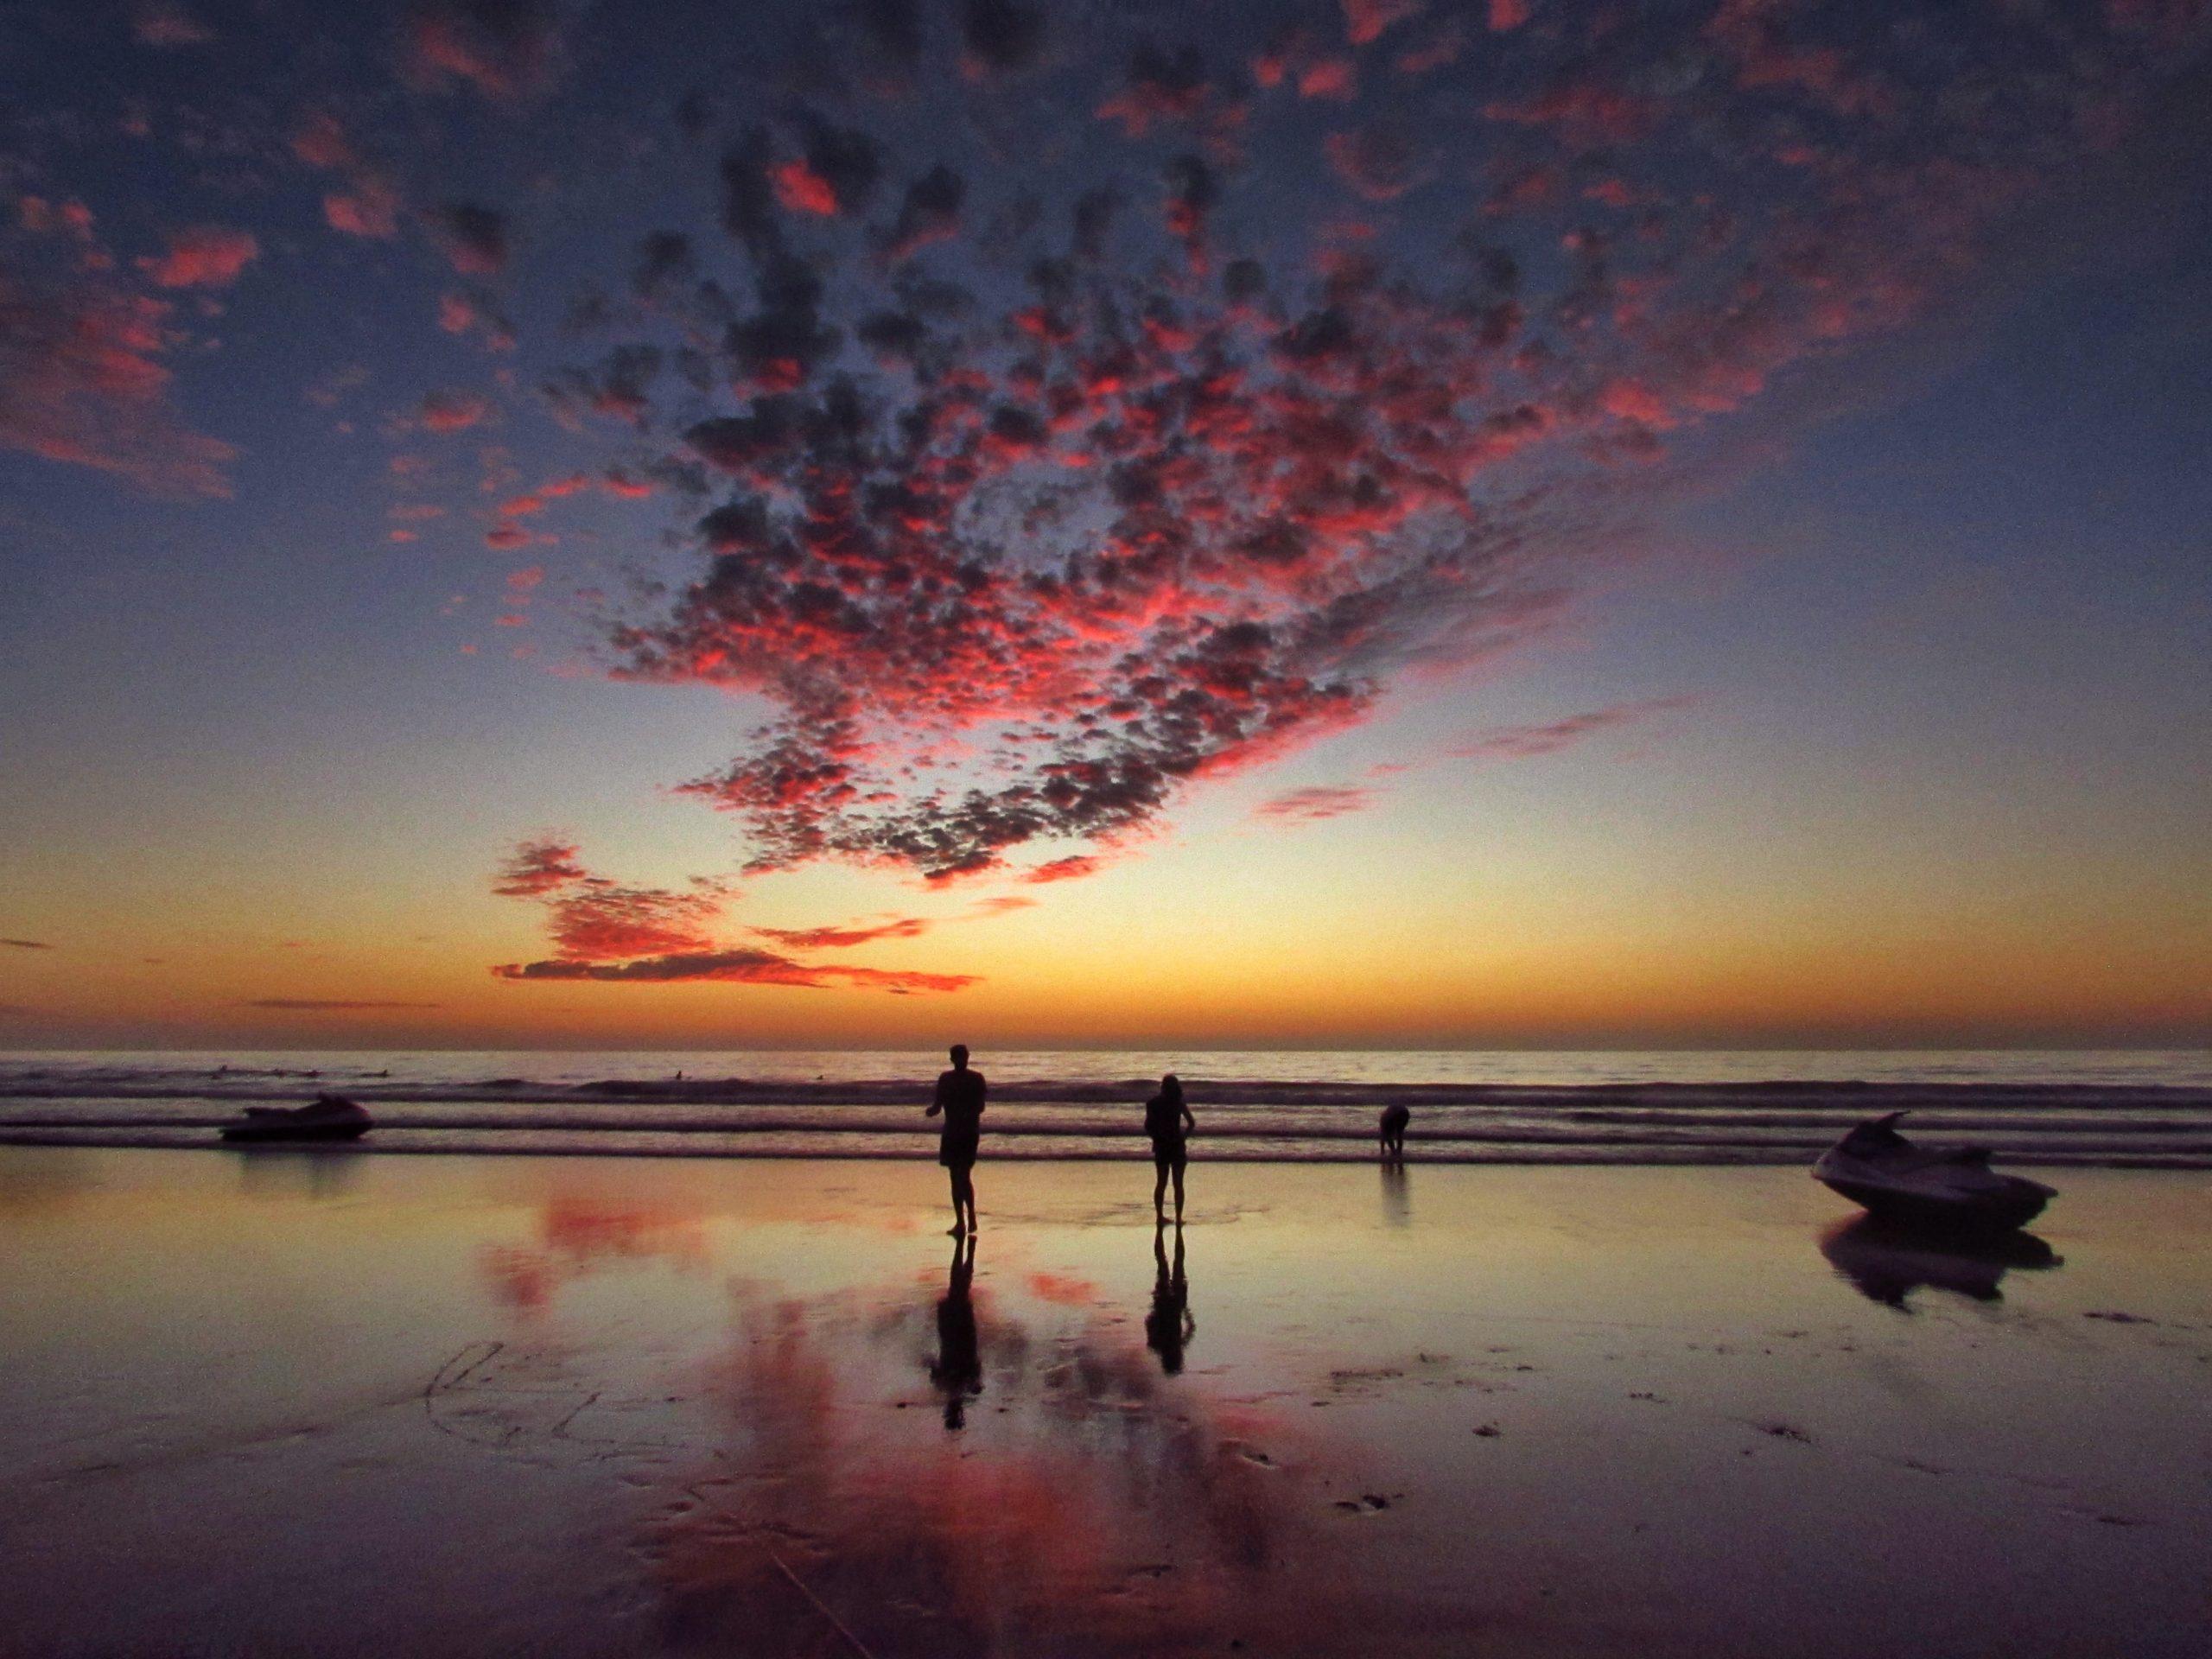 Foto de la playa con un atardecer y un par de personas